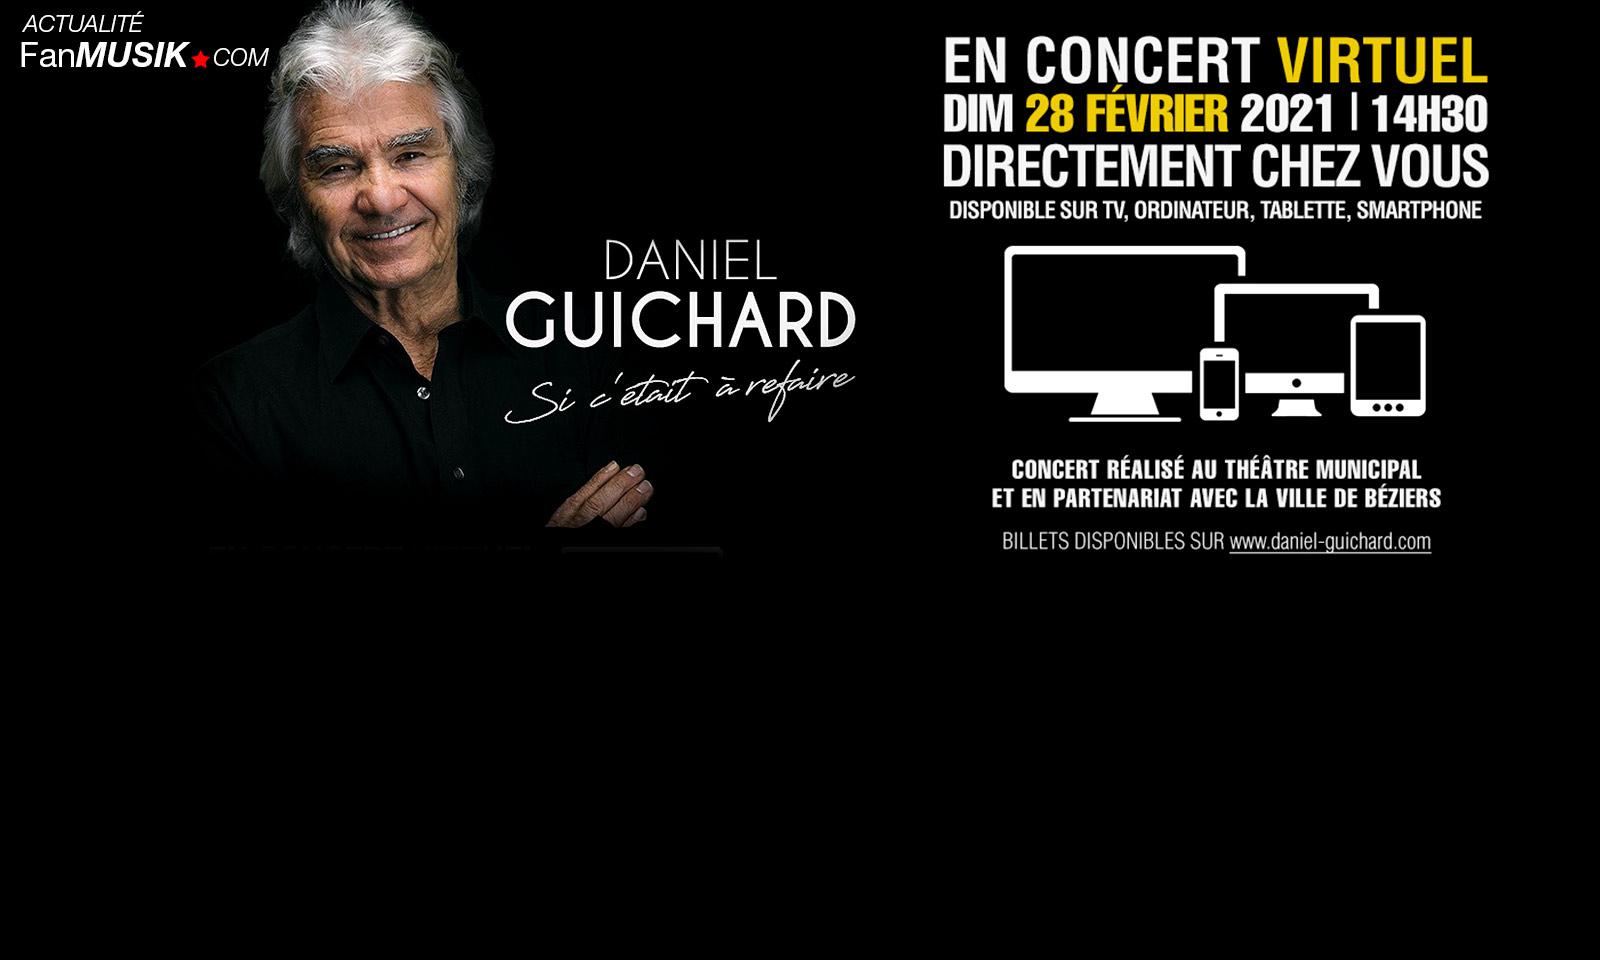 Daniel Guichard en concert sur internet dimanche 28 février !